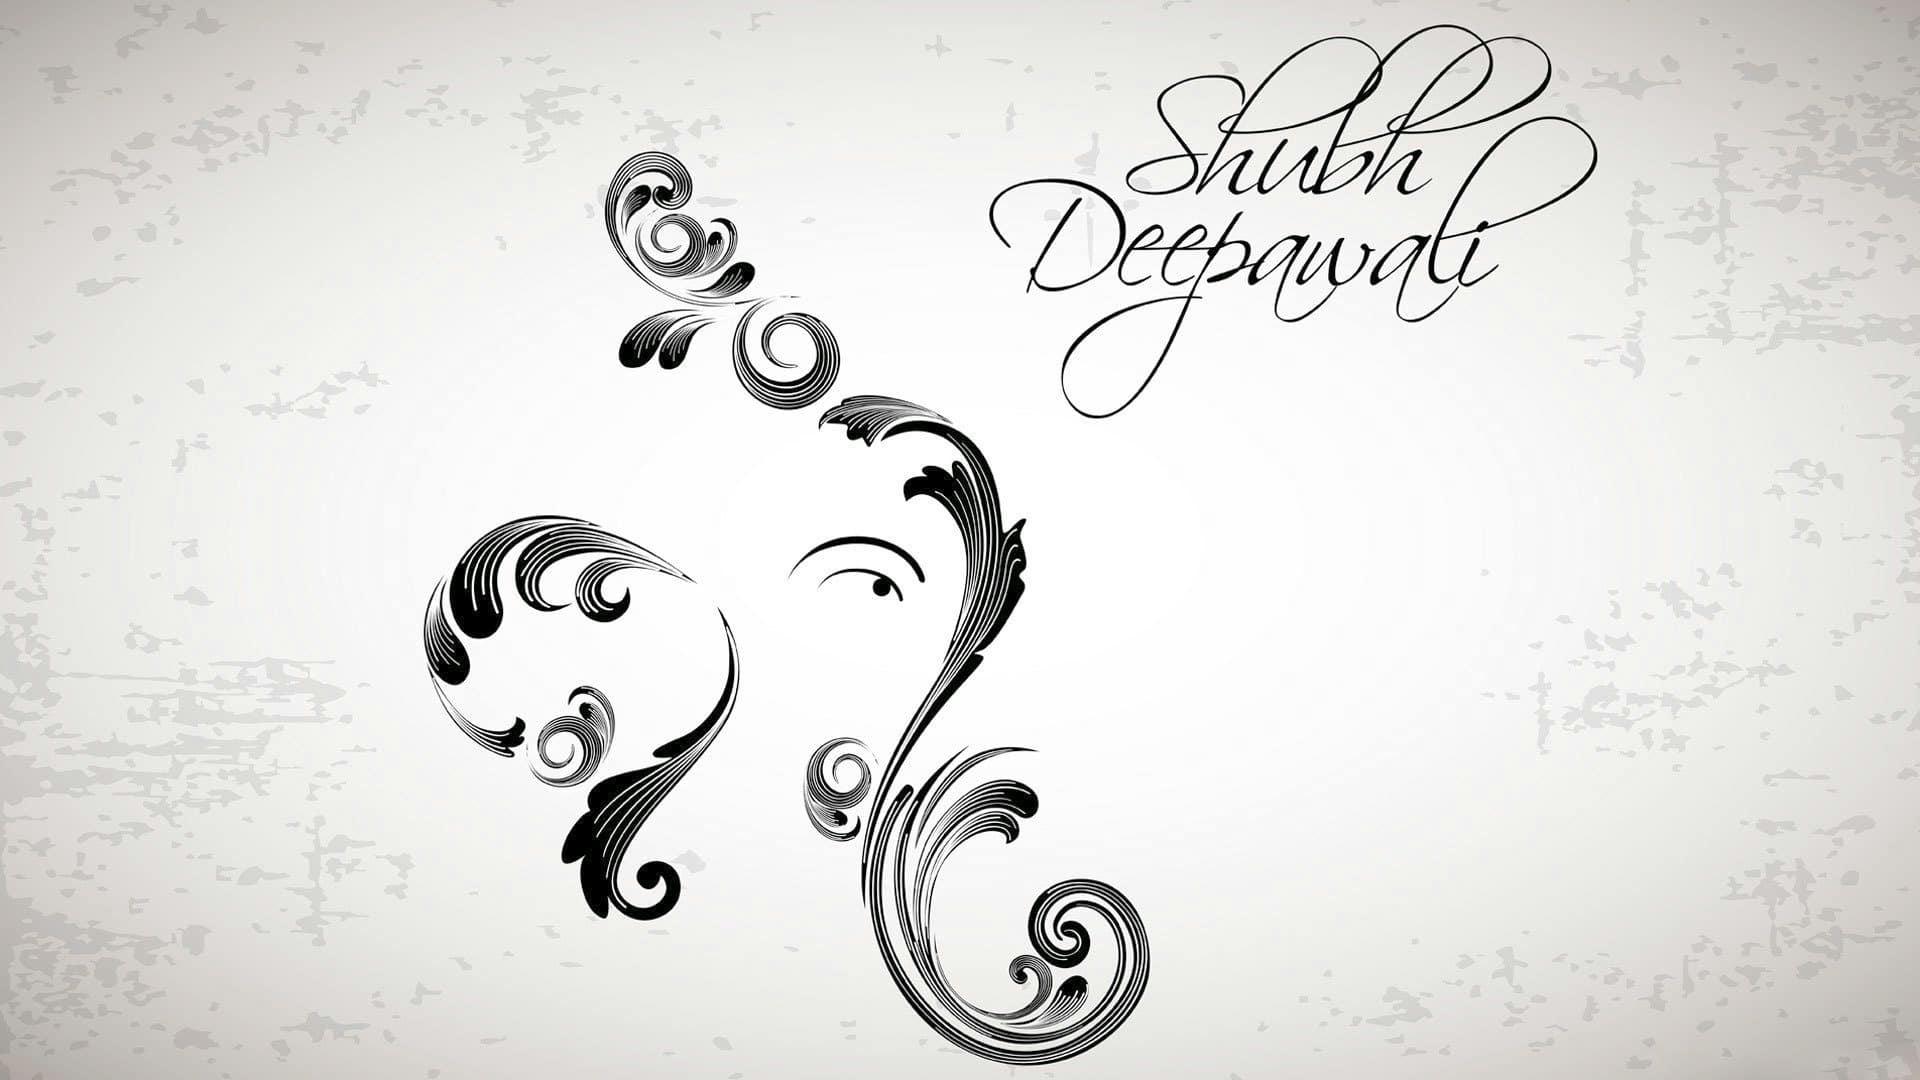 Subh Deepawali Art